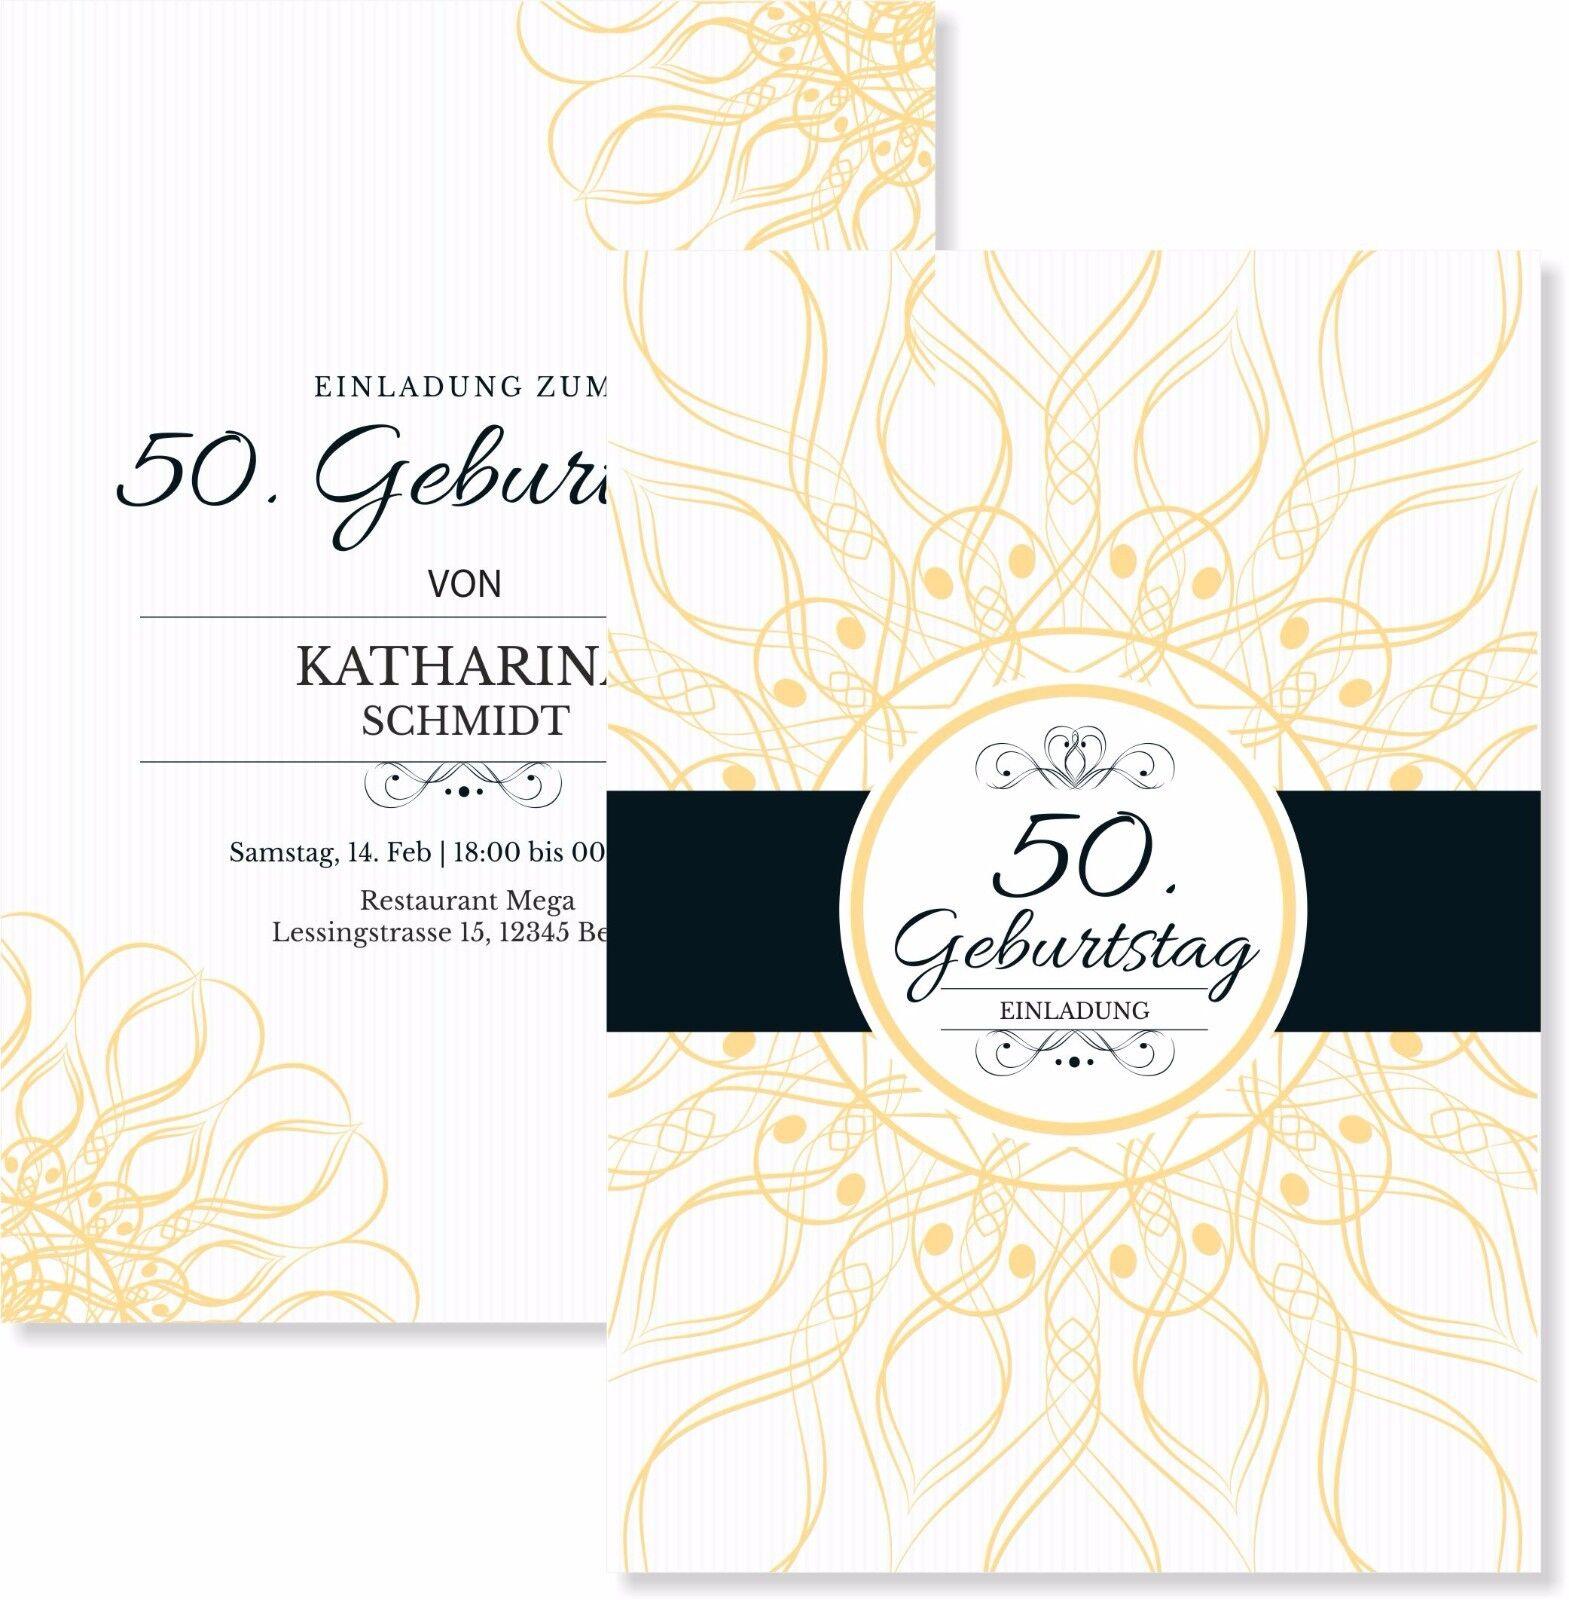 Elegante Einladungskarten zum Geburtstag edel Einladung   | Verkauf  | Online